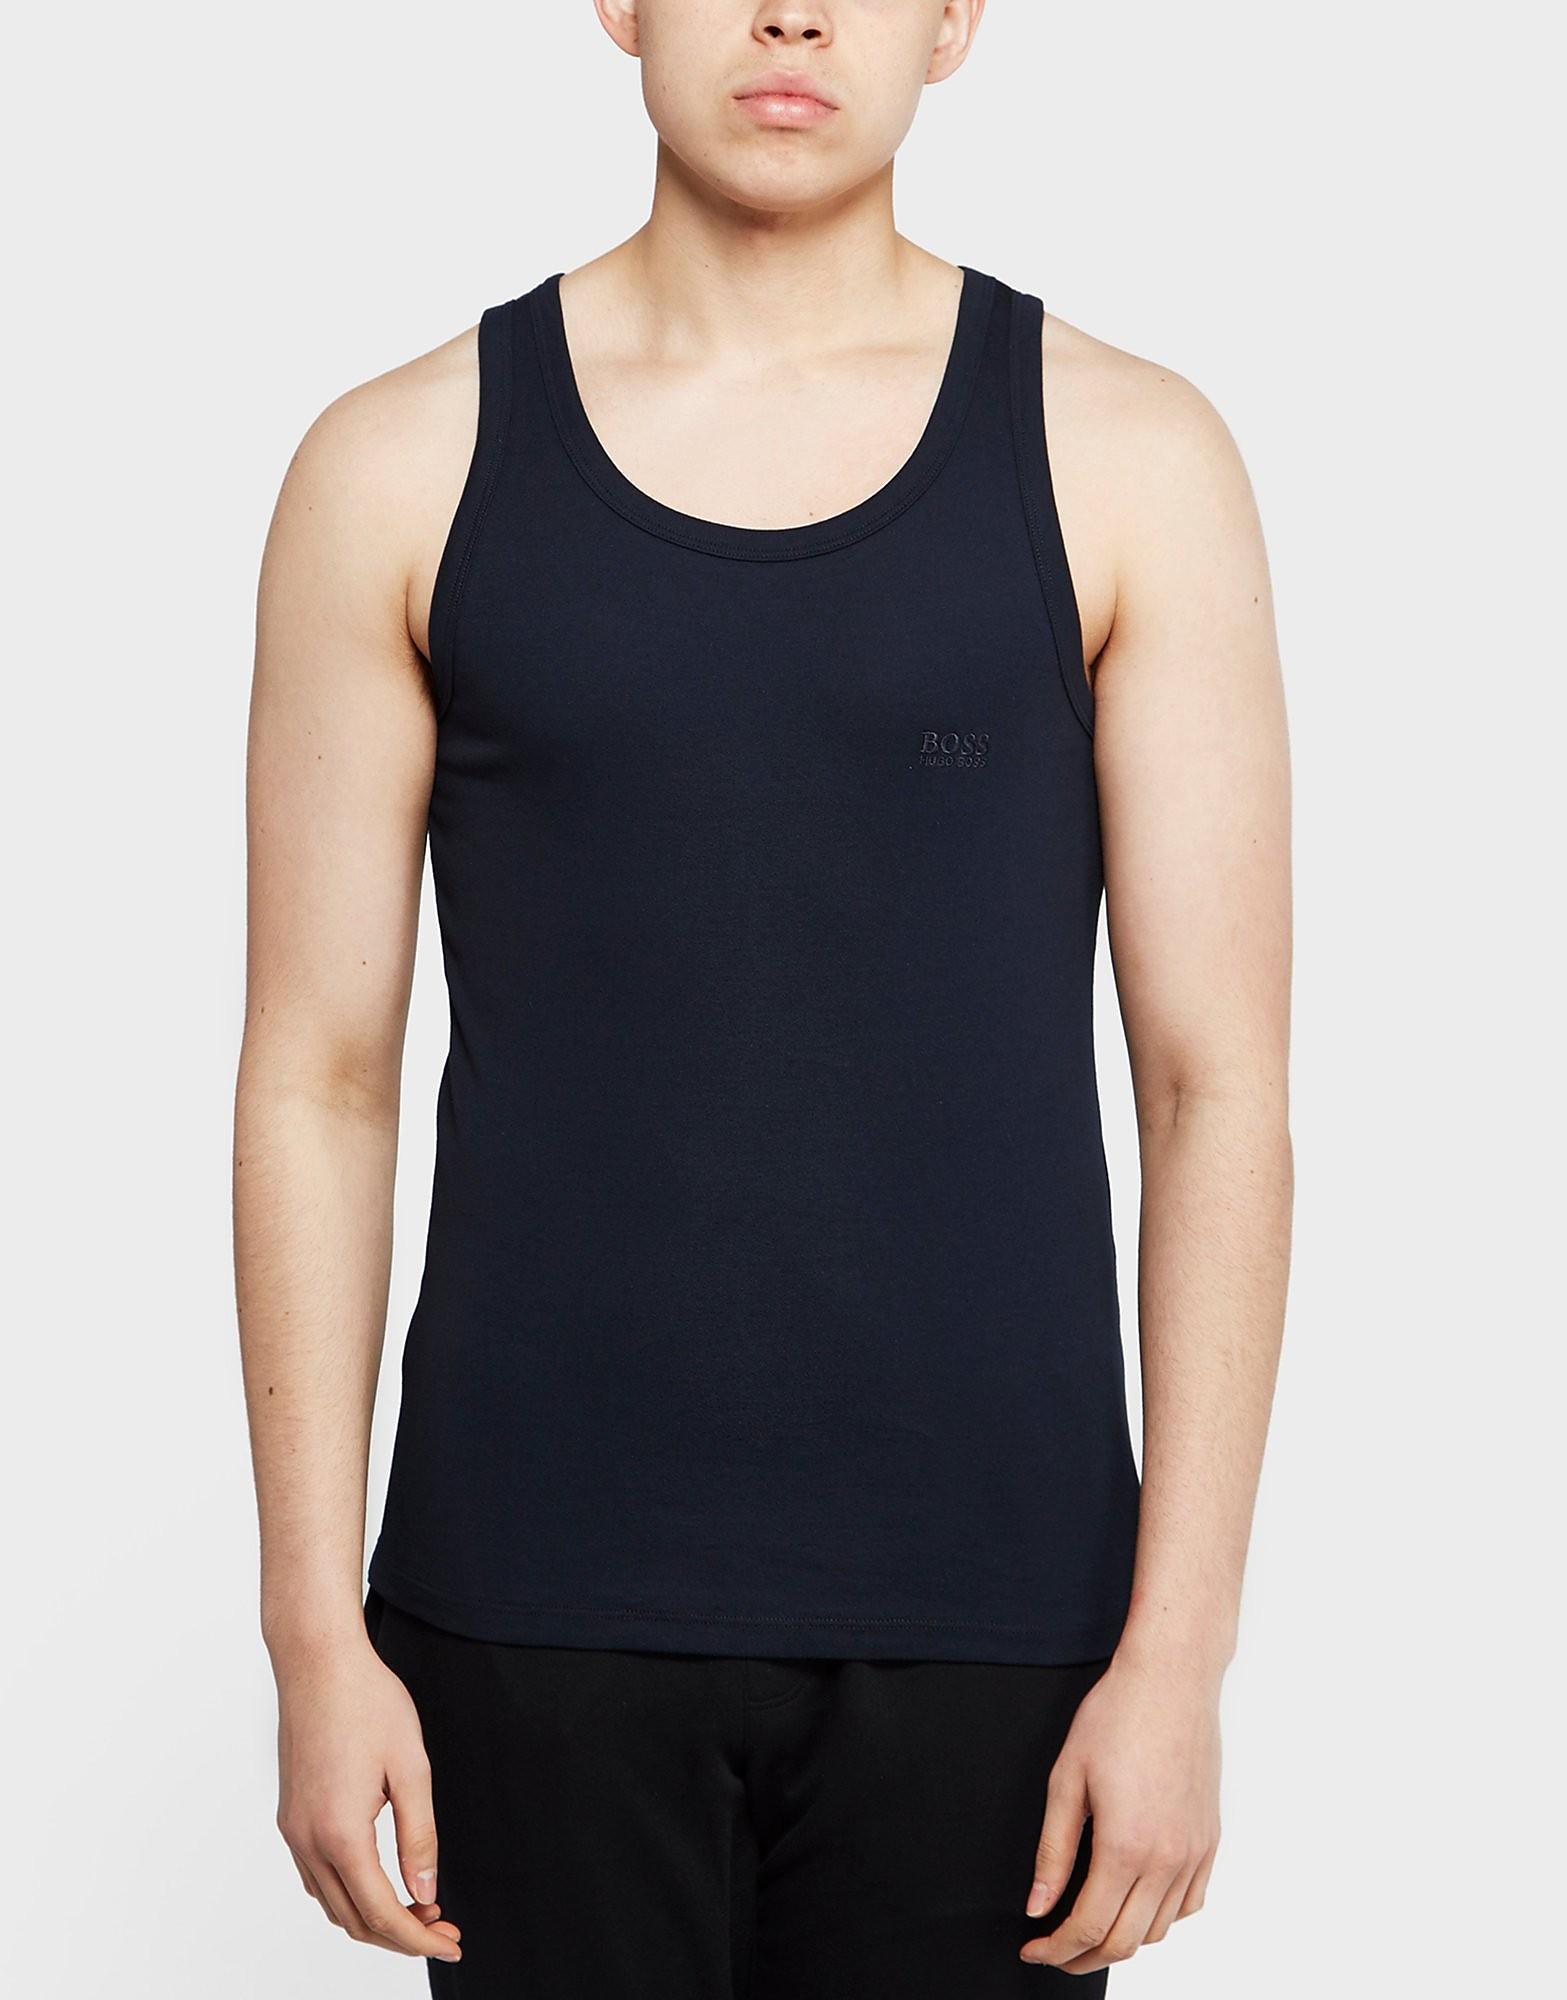 BOSS Small Logo Vest